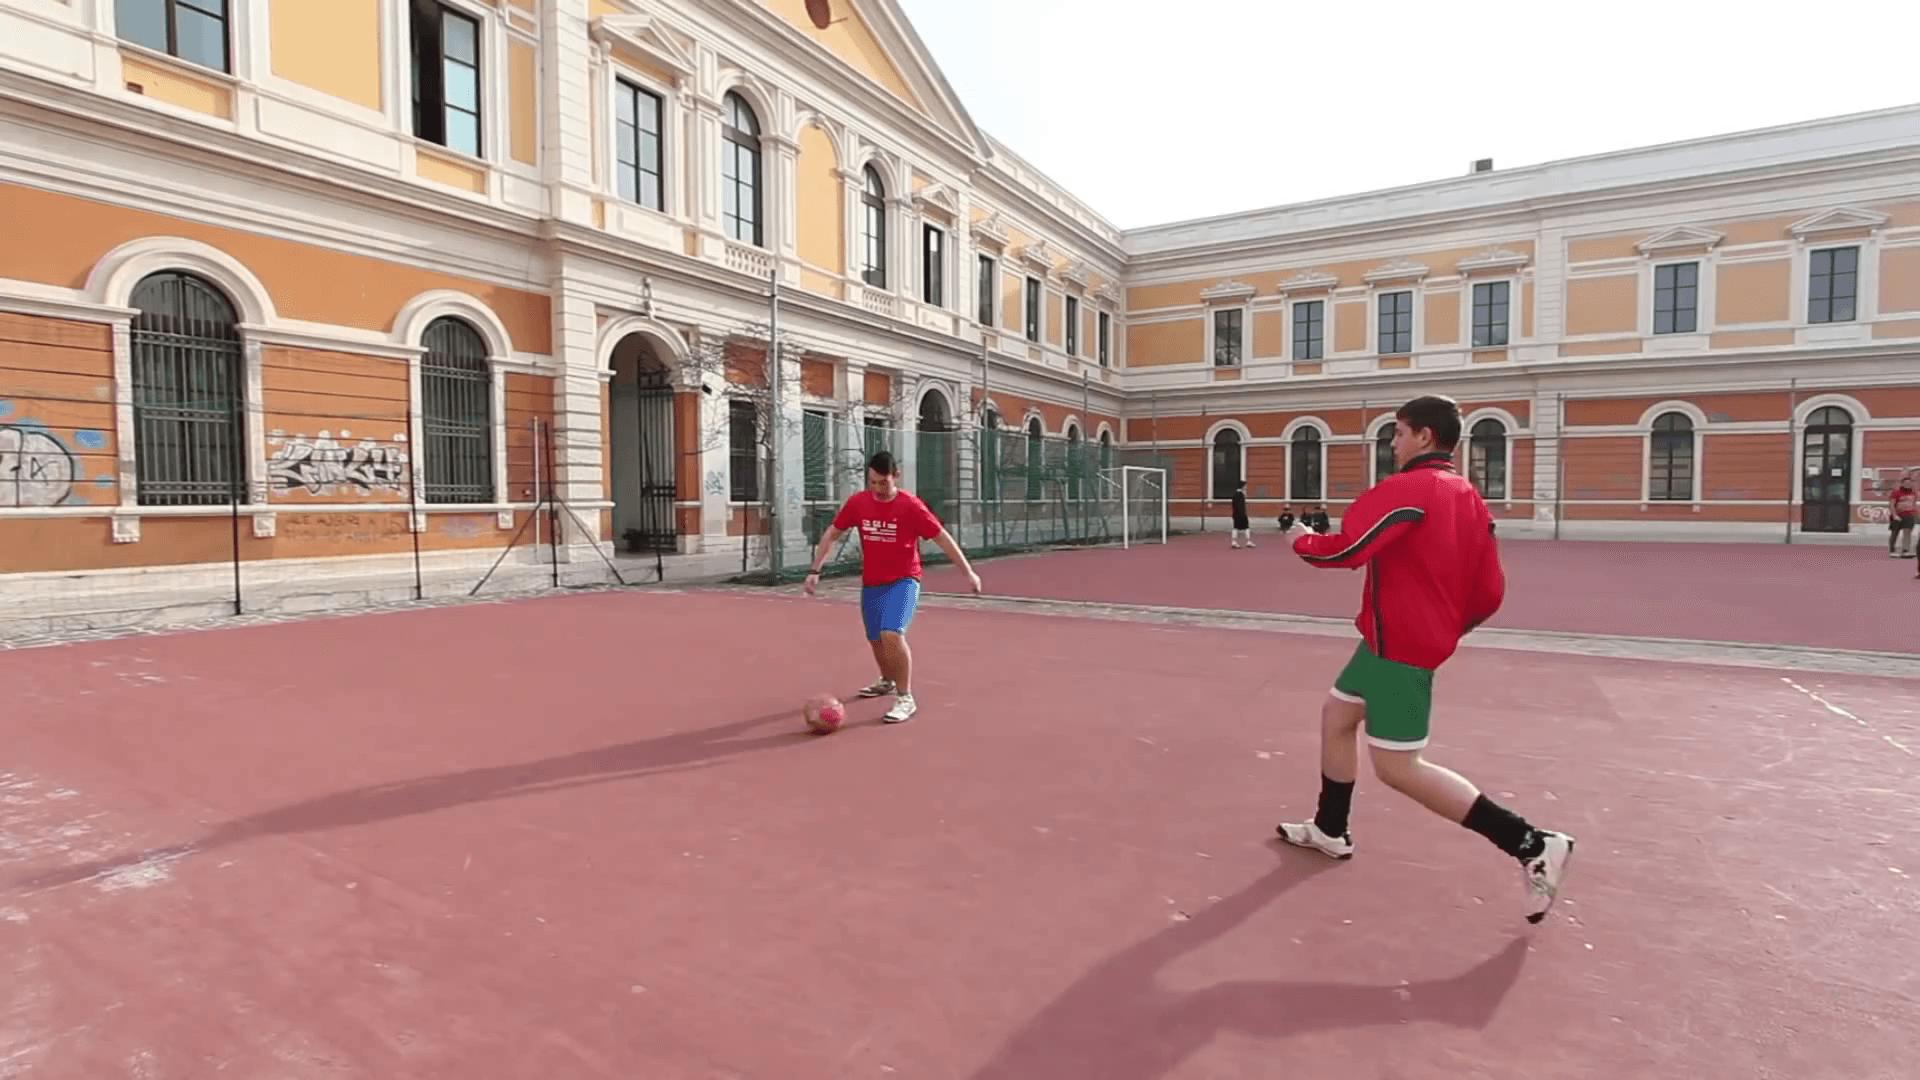 Campetti sportivi del Tito Acerbo con due alunni che giocano a calcio